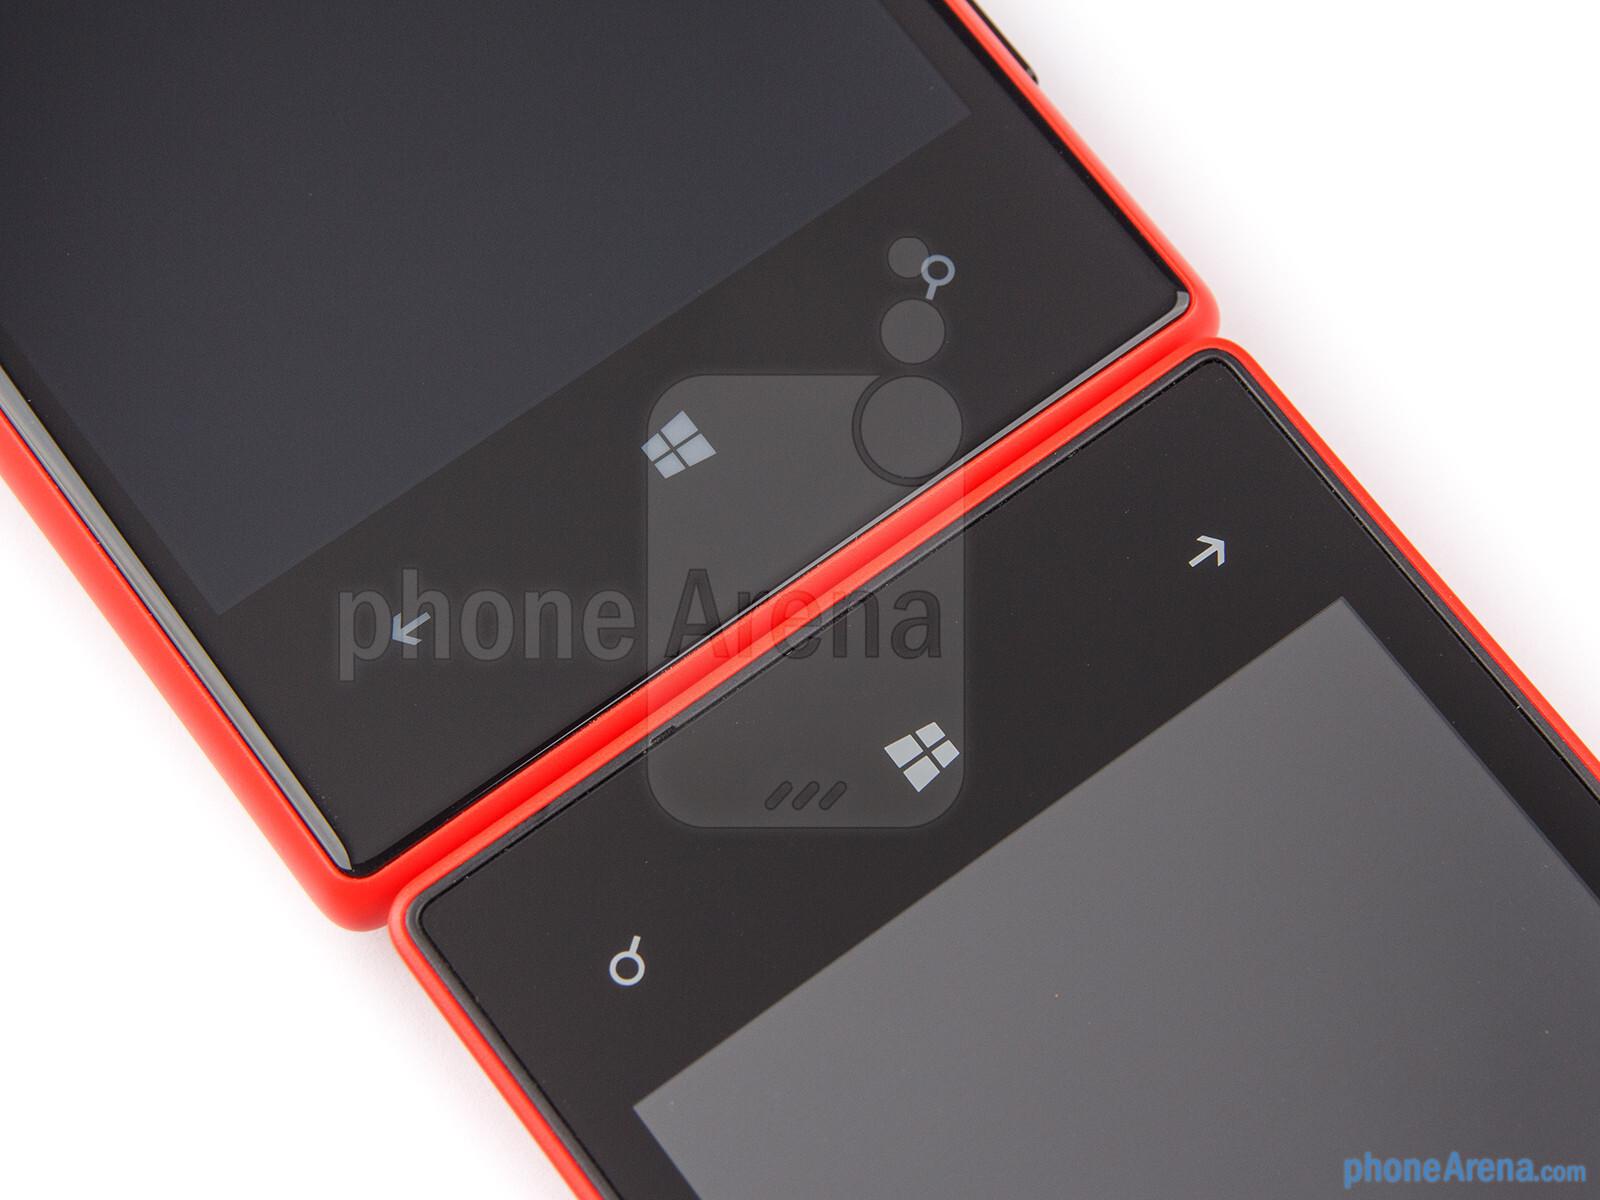 Nokia html 4